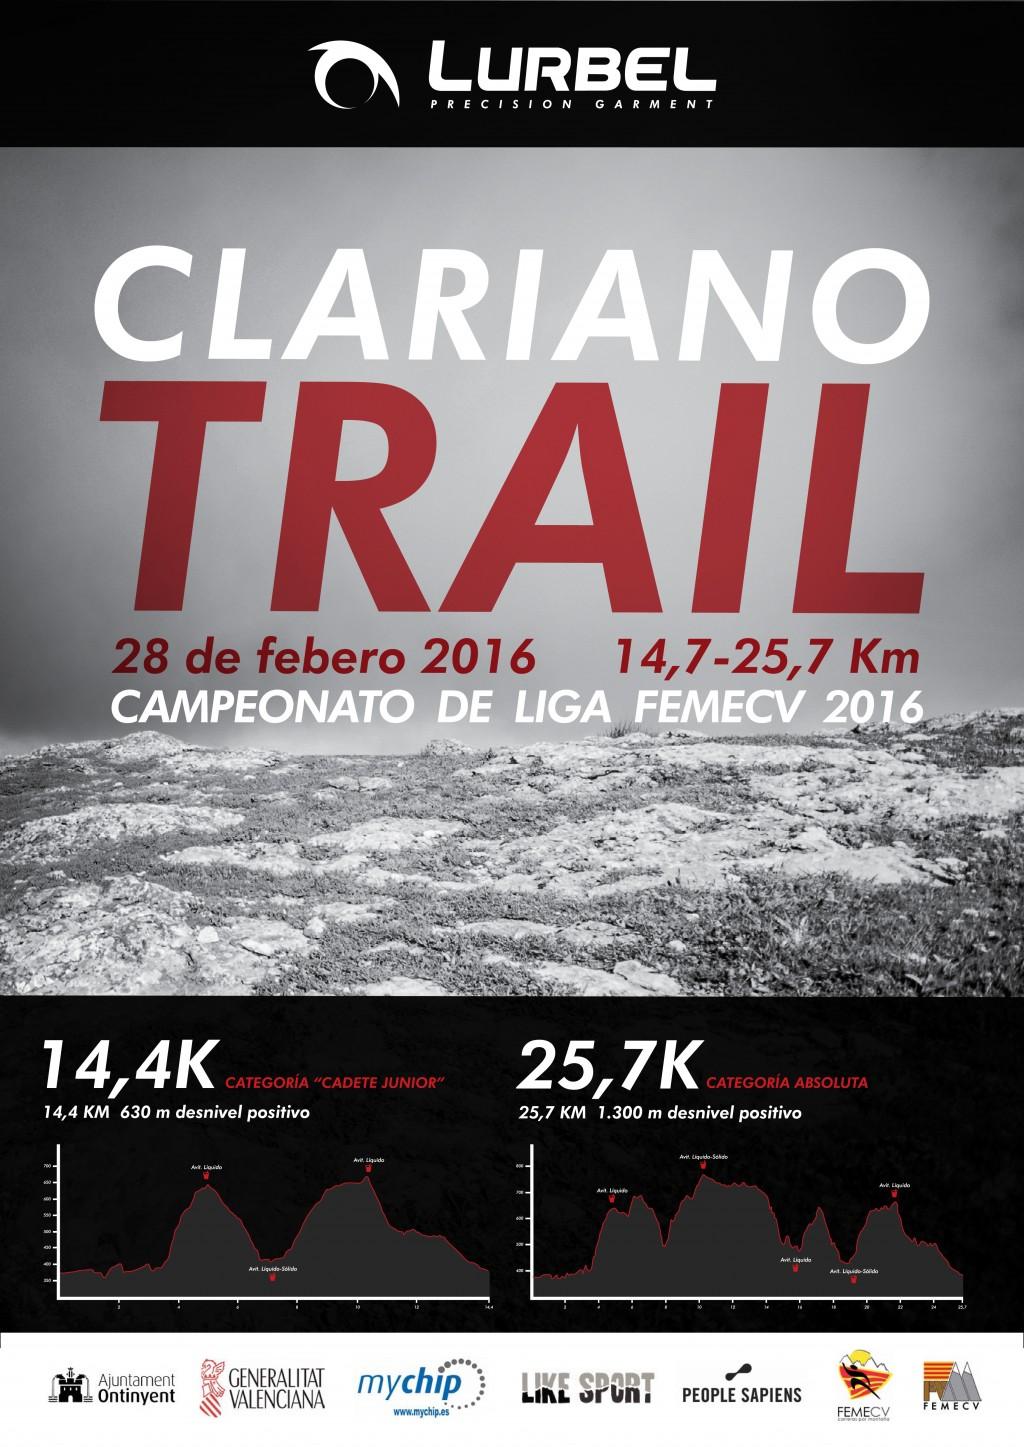 clariano_trail_0